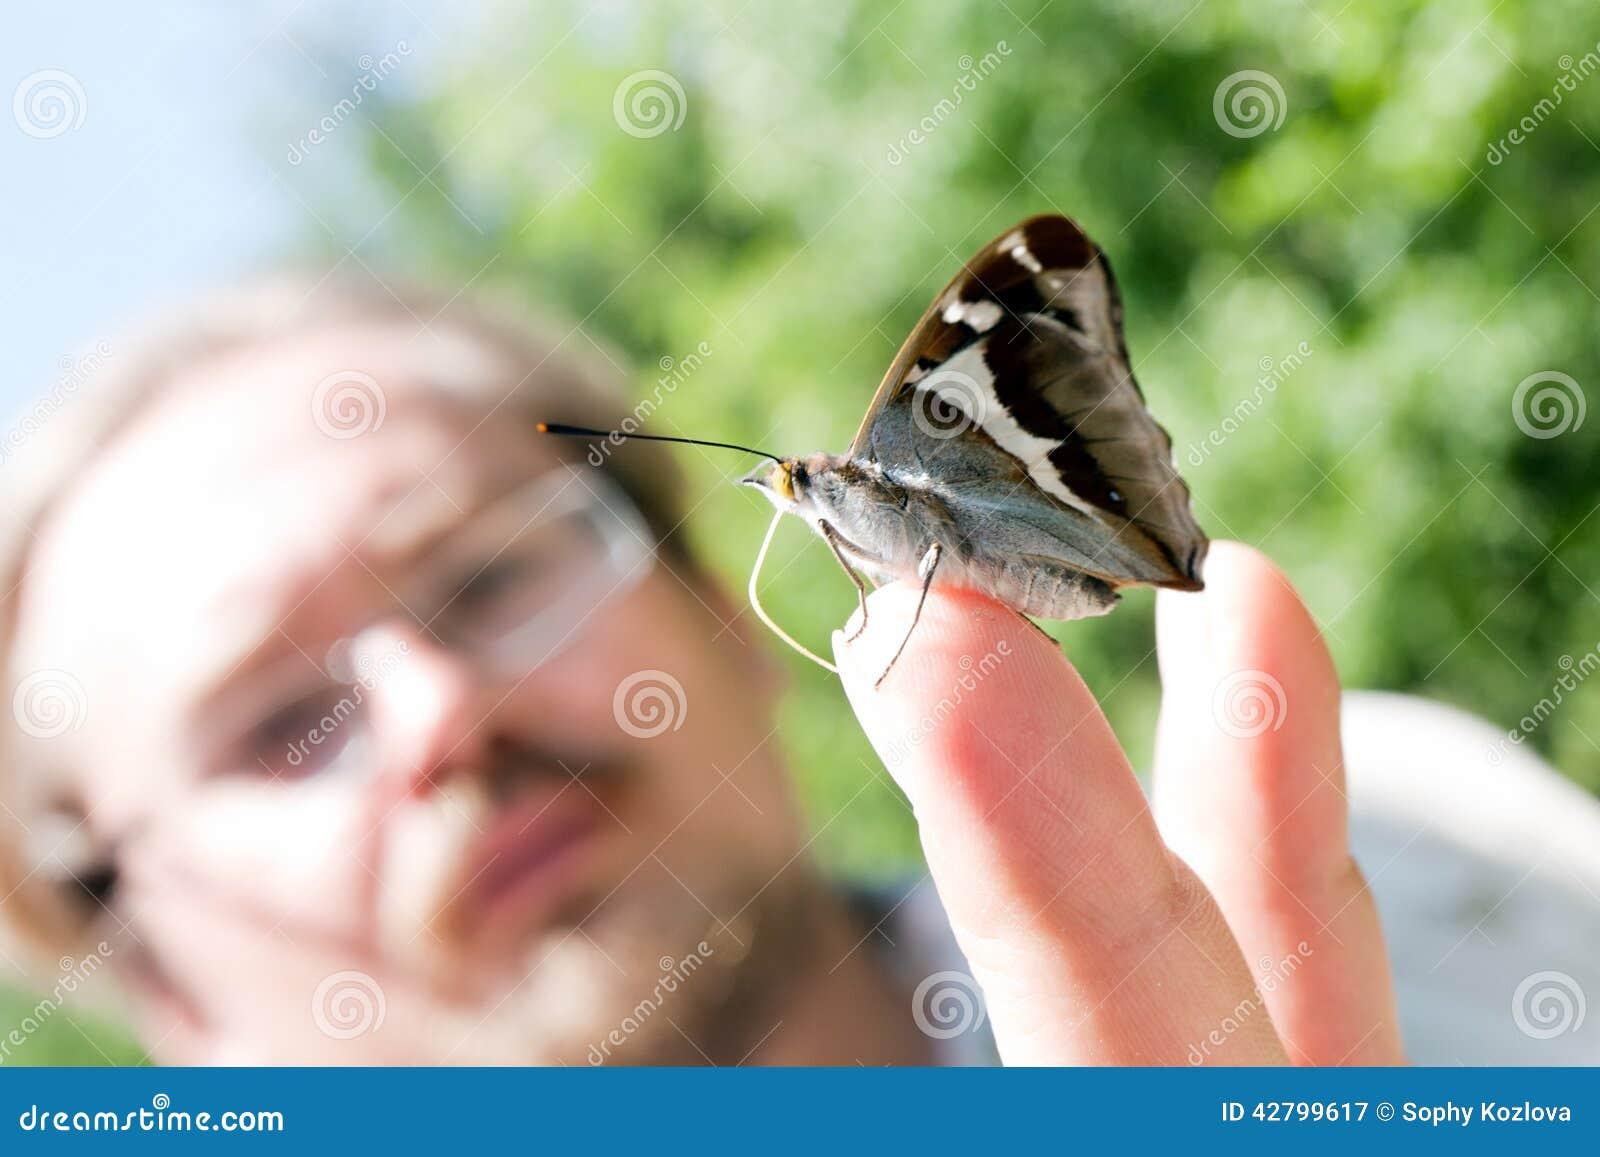 Бабочка на руке человека